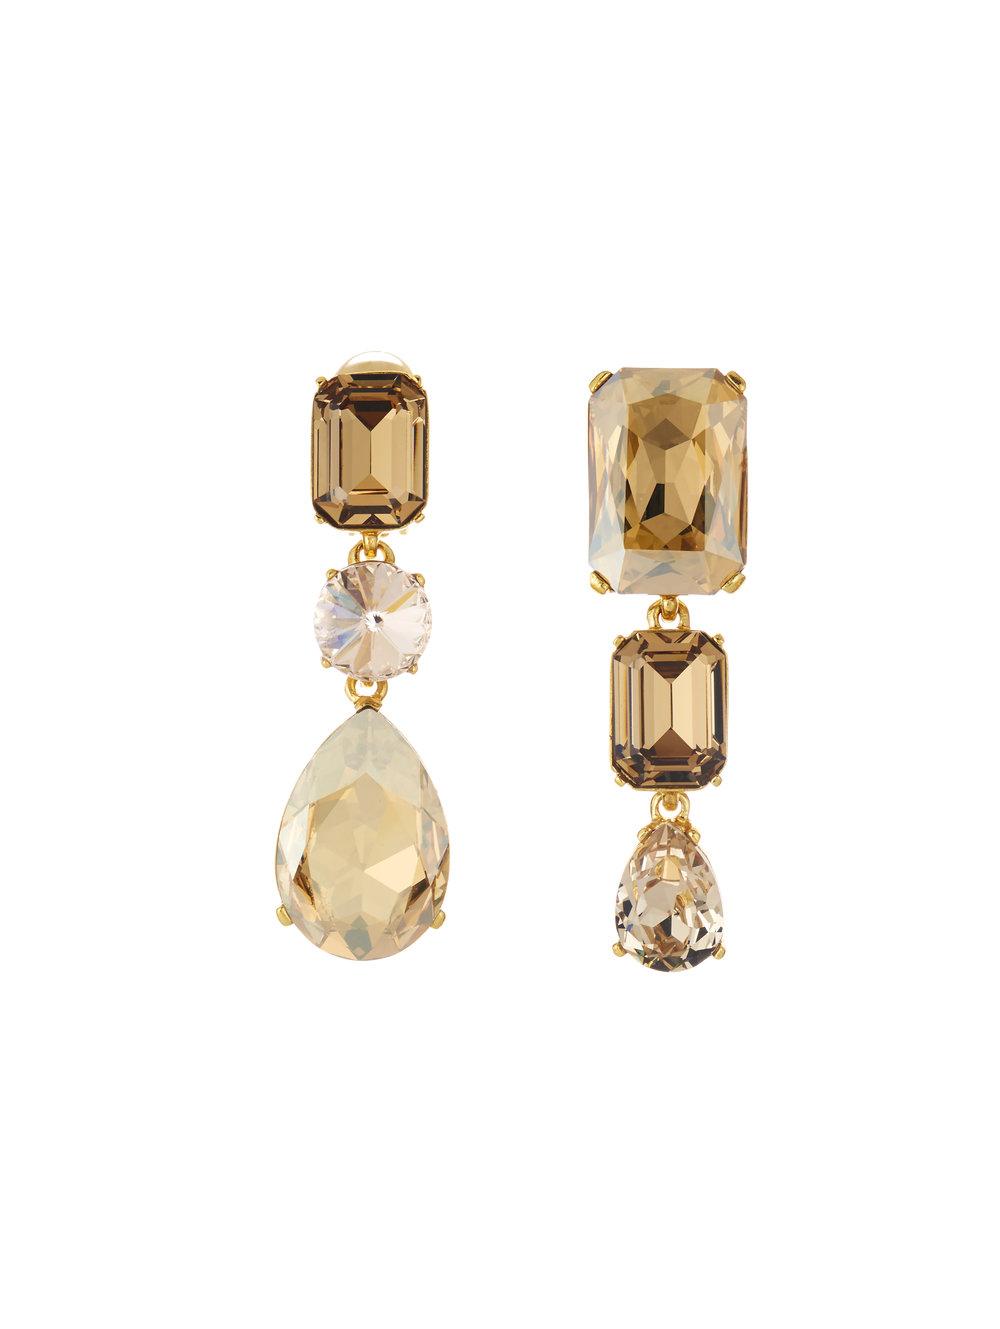 3. Oscar de la Renta Bold Crystal Earrings $450 from www.oscardelarenta.com